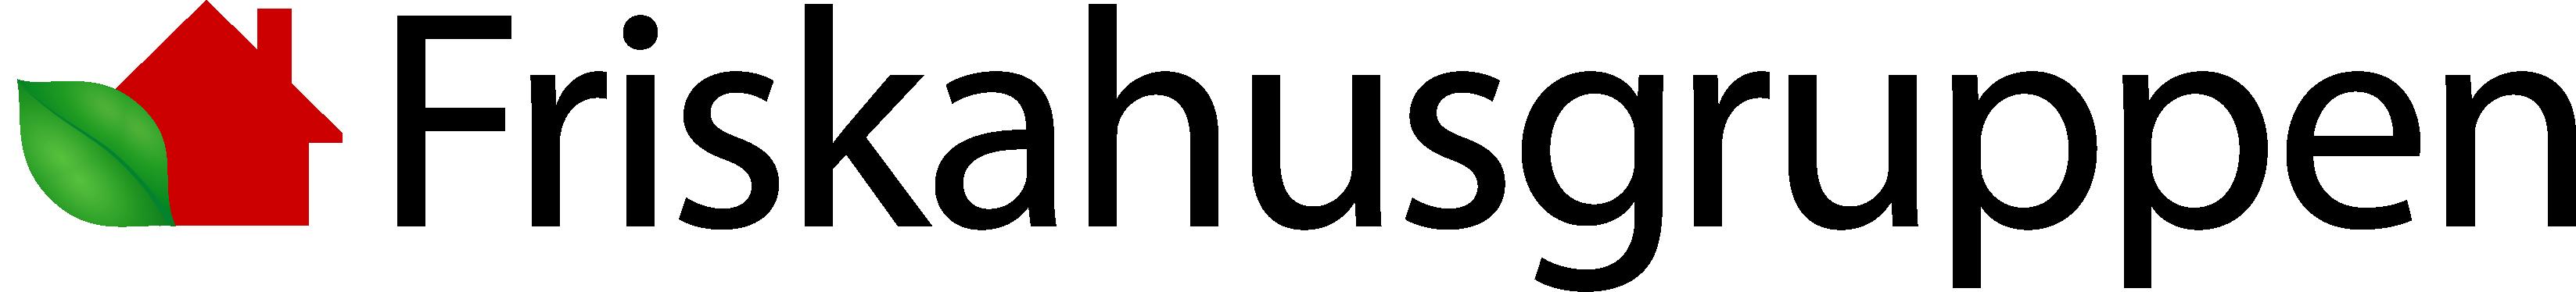 Friska hus gruppen logotyp